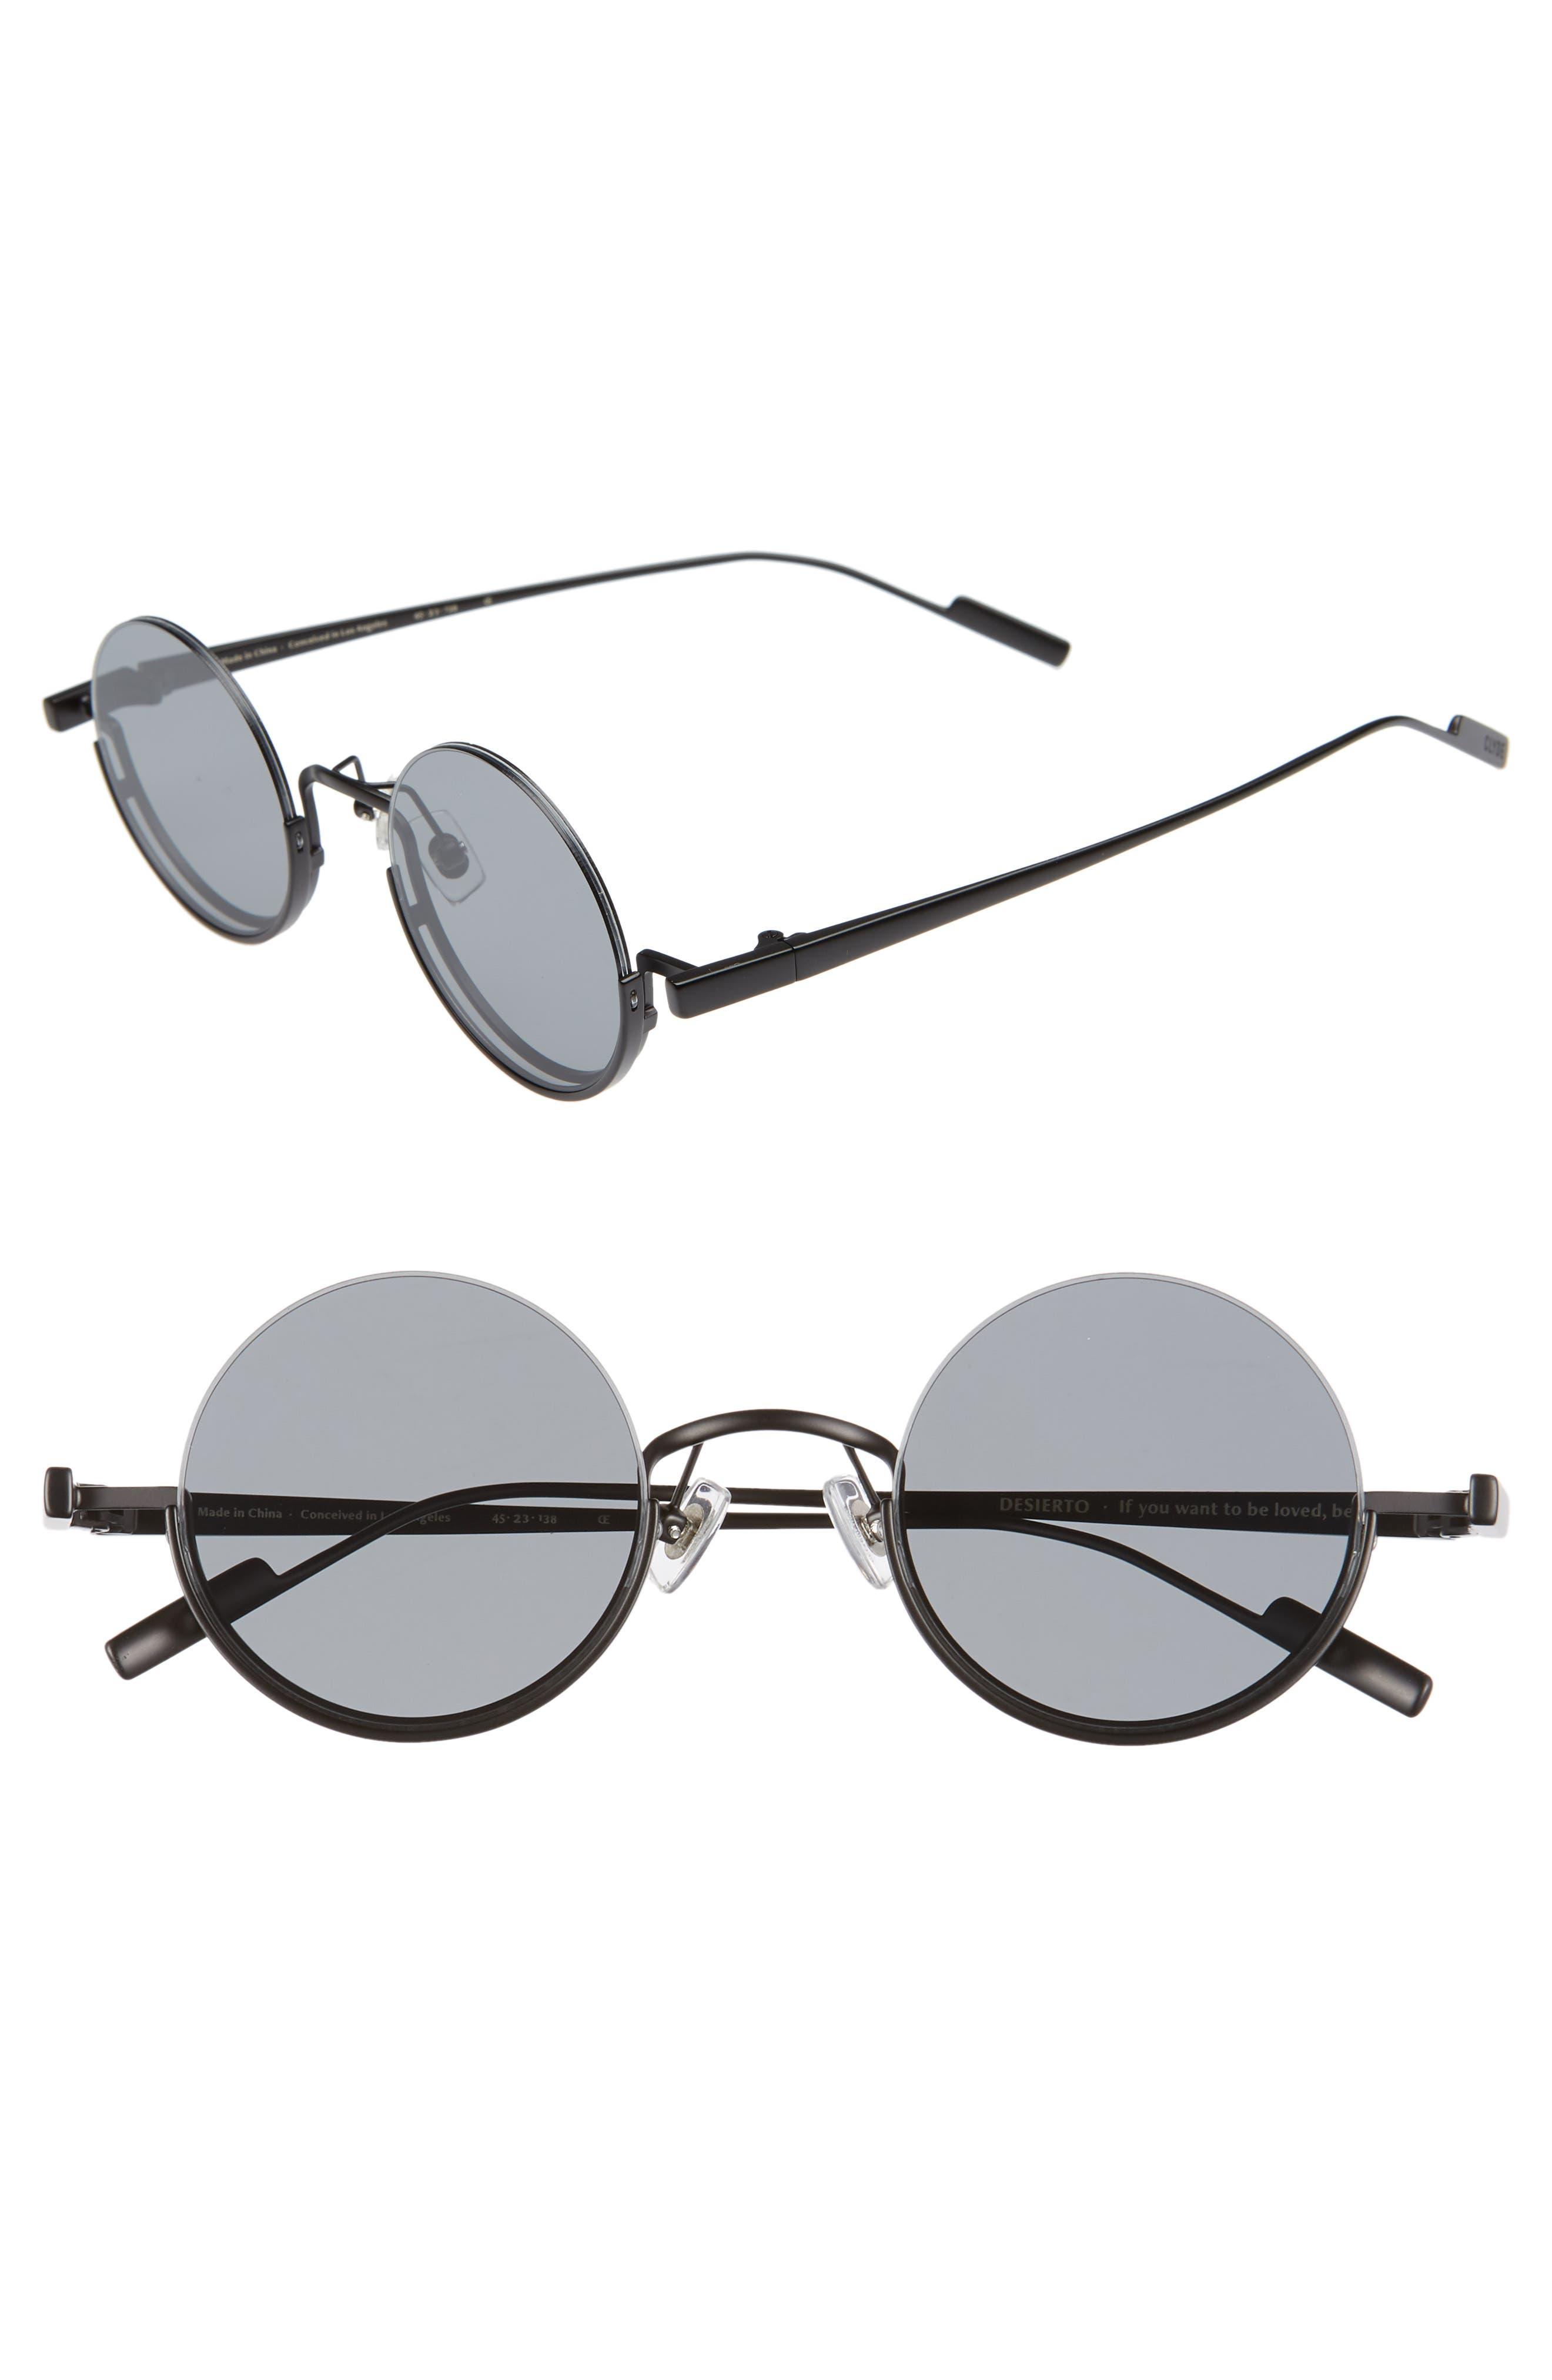 BONNIE CLYDE, Desierto 42mm Round Sunglasses, Main thumbnail 1, color, BLACK